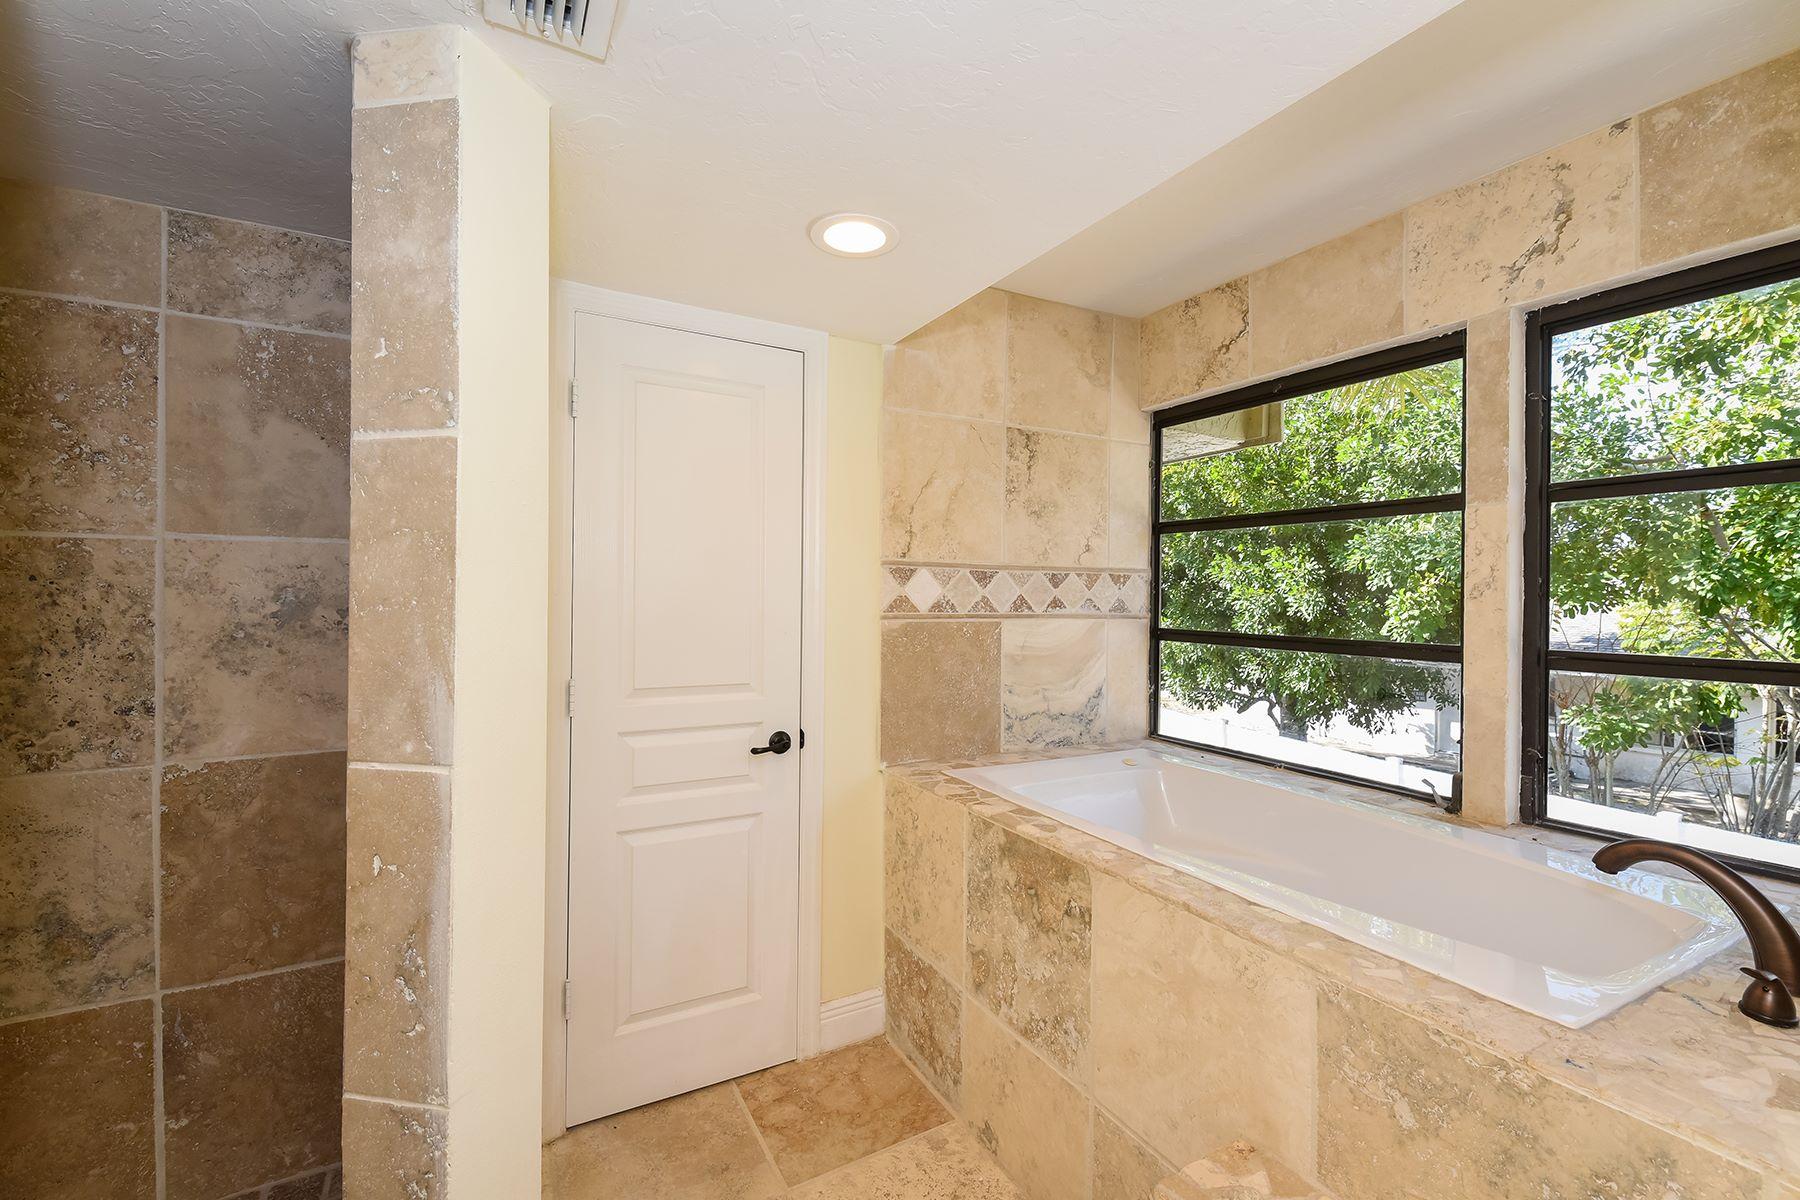 Частный односемейный дом для того Продажа на SUNSET BAY 1521 Siesta Dr Sarasota, Флорида, 34239 Соединенные Штаты